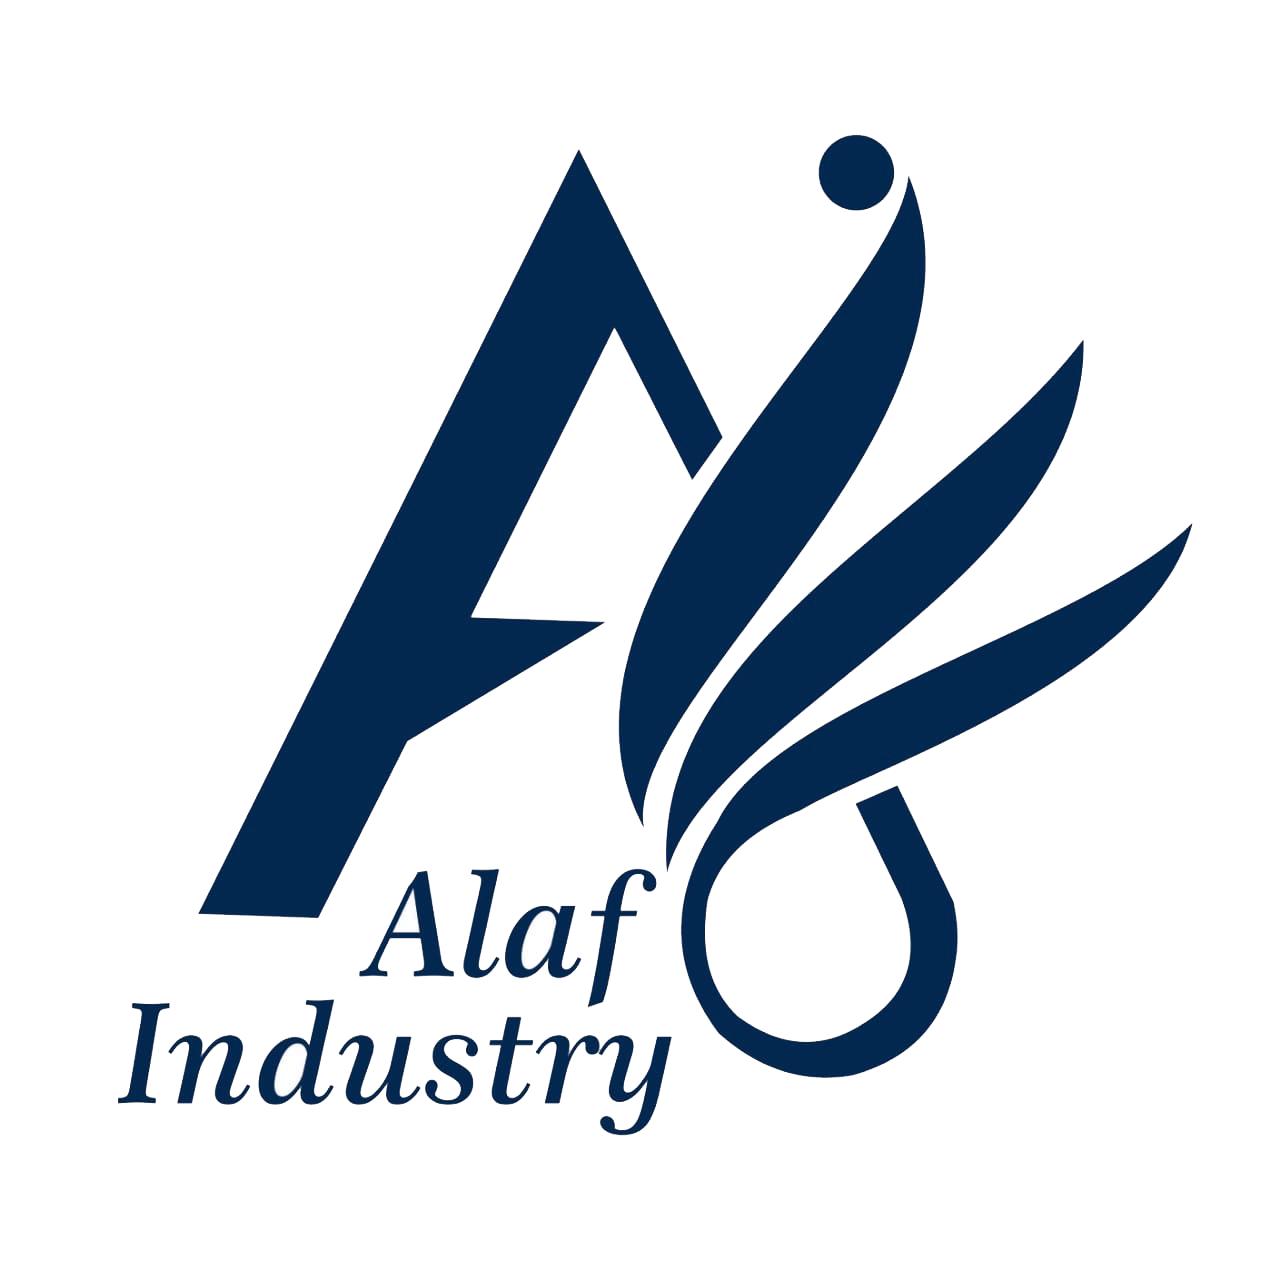 ALAF INDUSTRIES